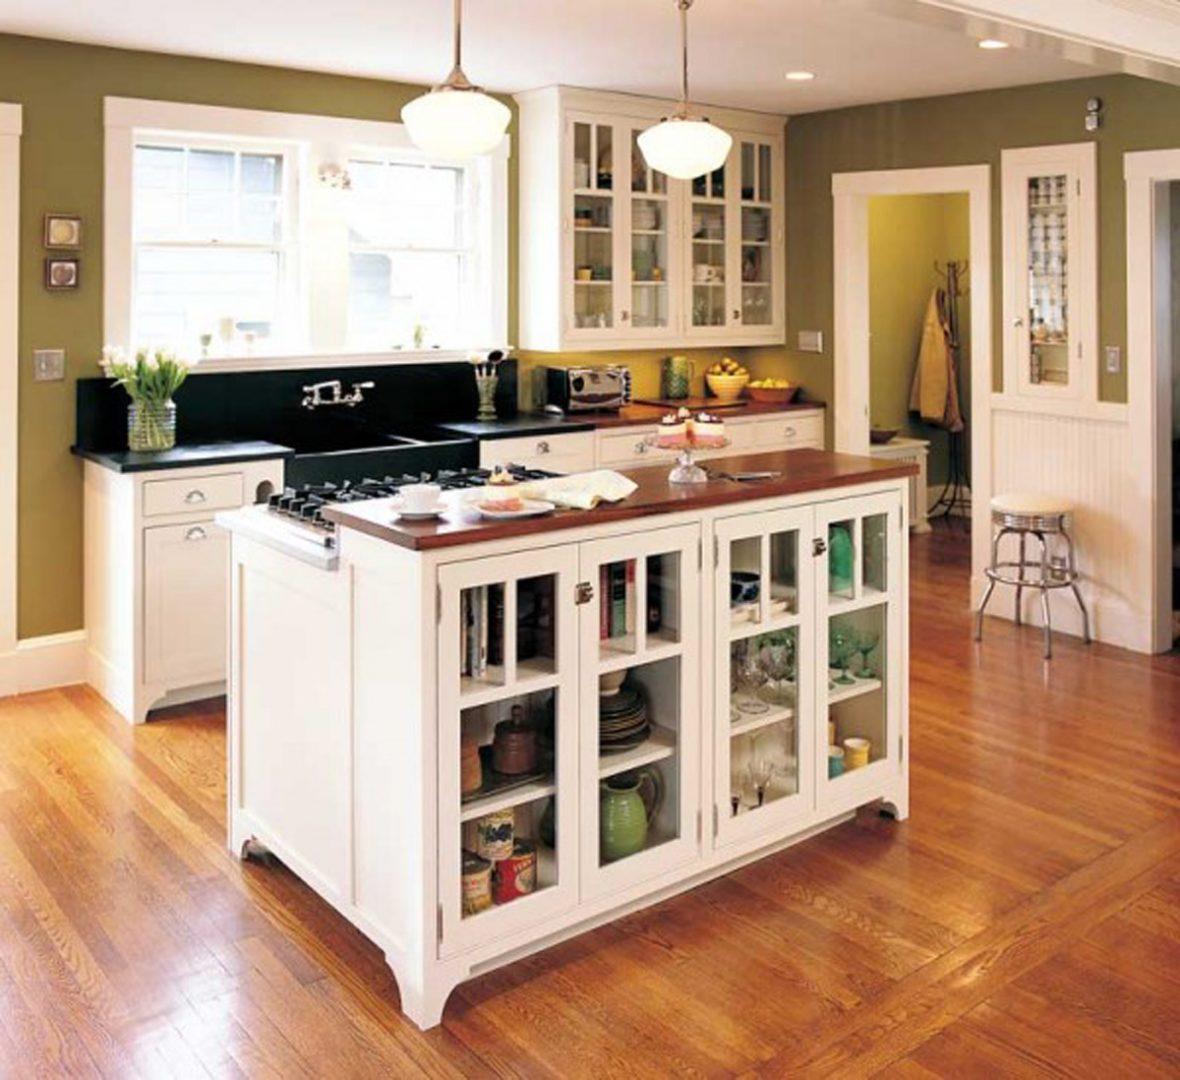 10x10 Kitchen Layout Ideas: Zona De Cocción En La Isla Central :: Imágenes Y Fotos